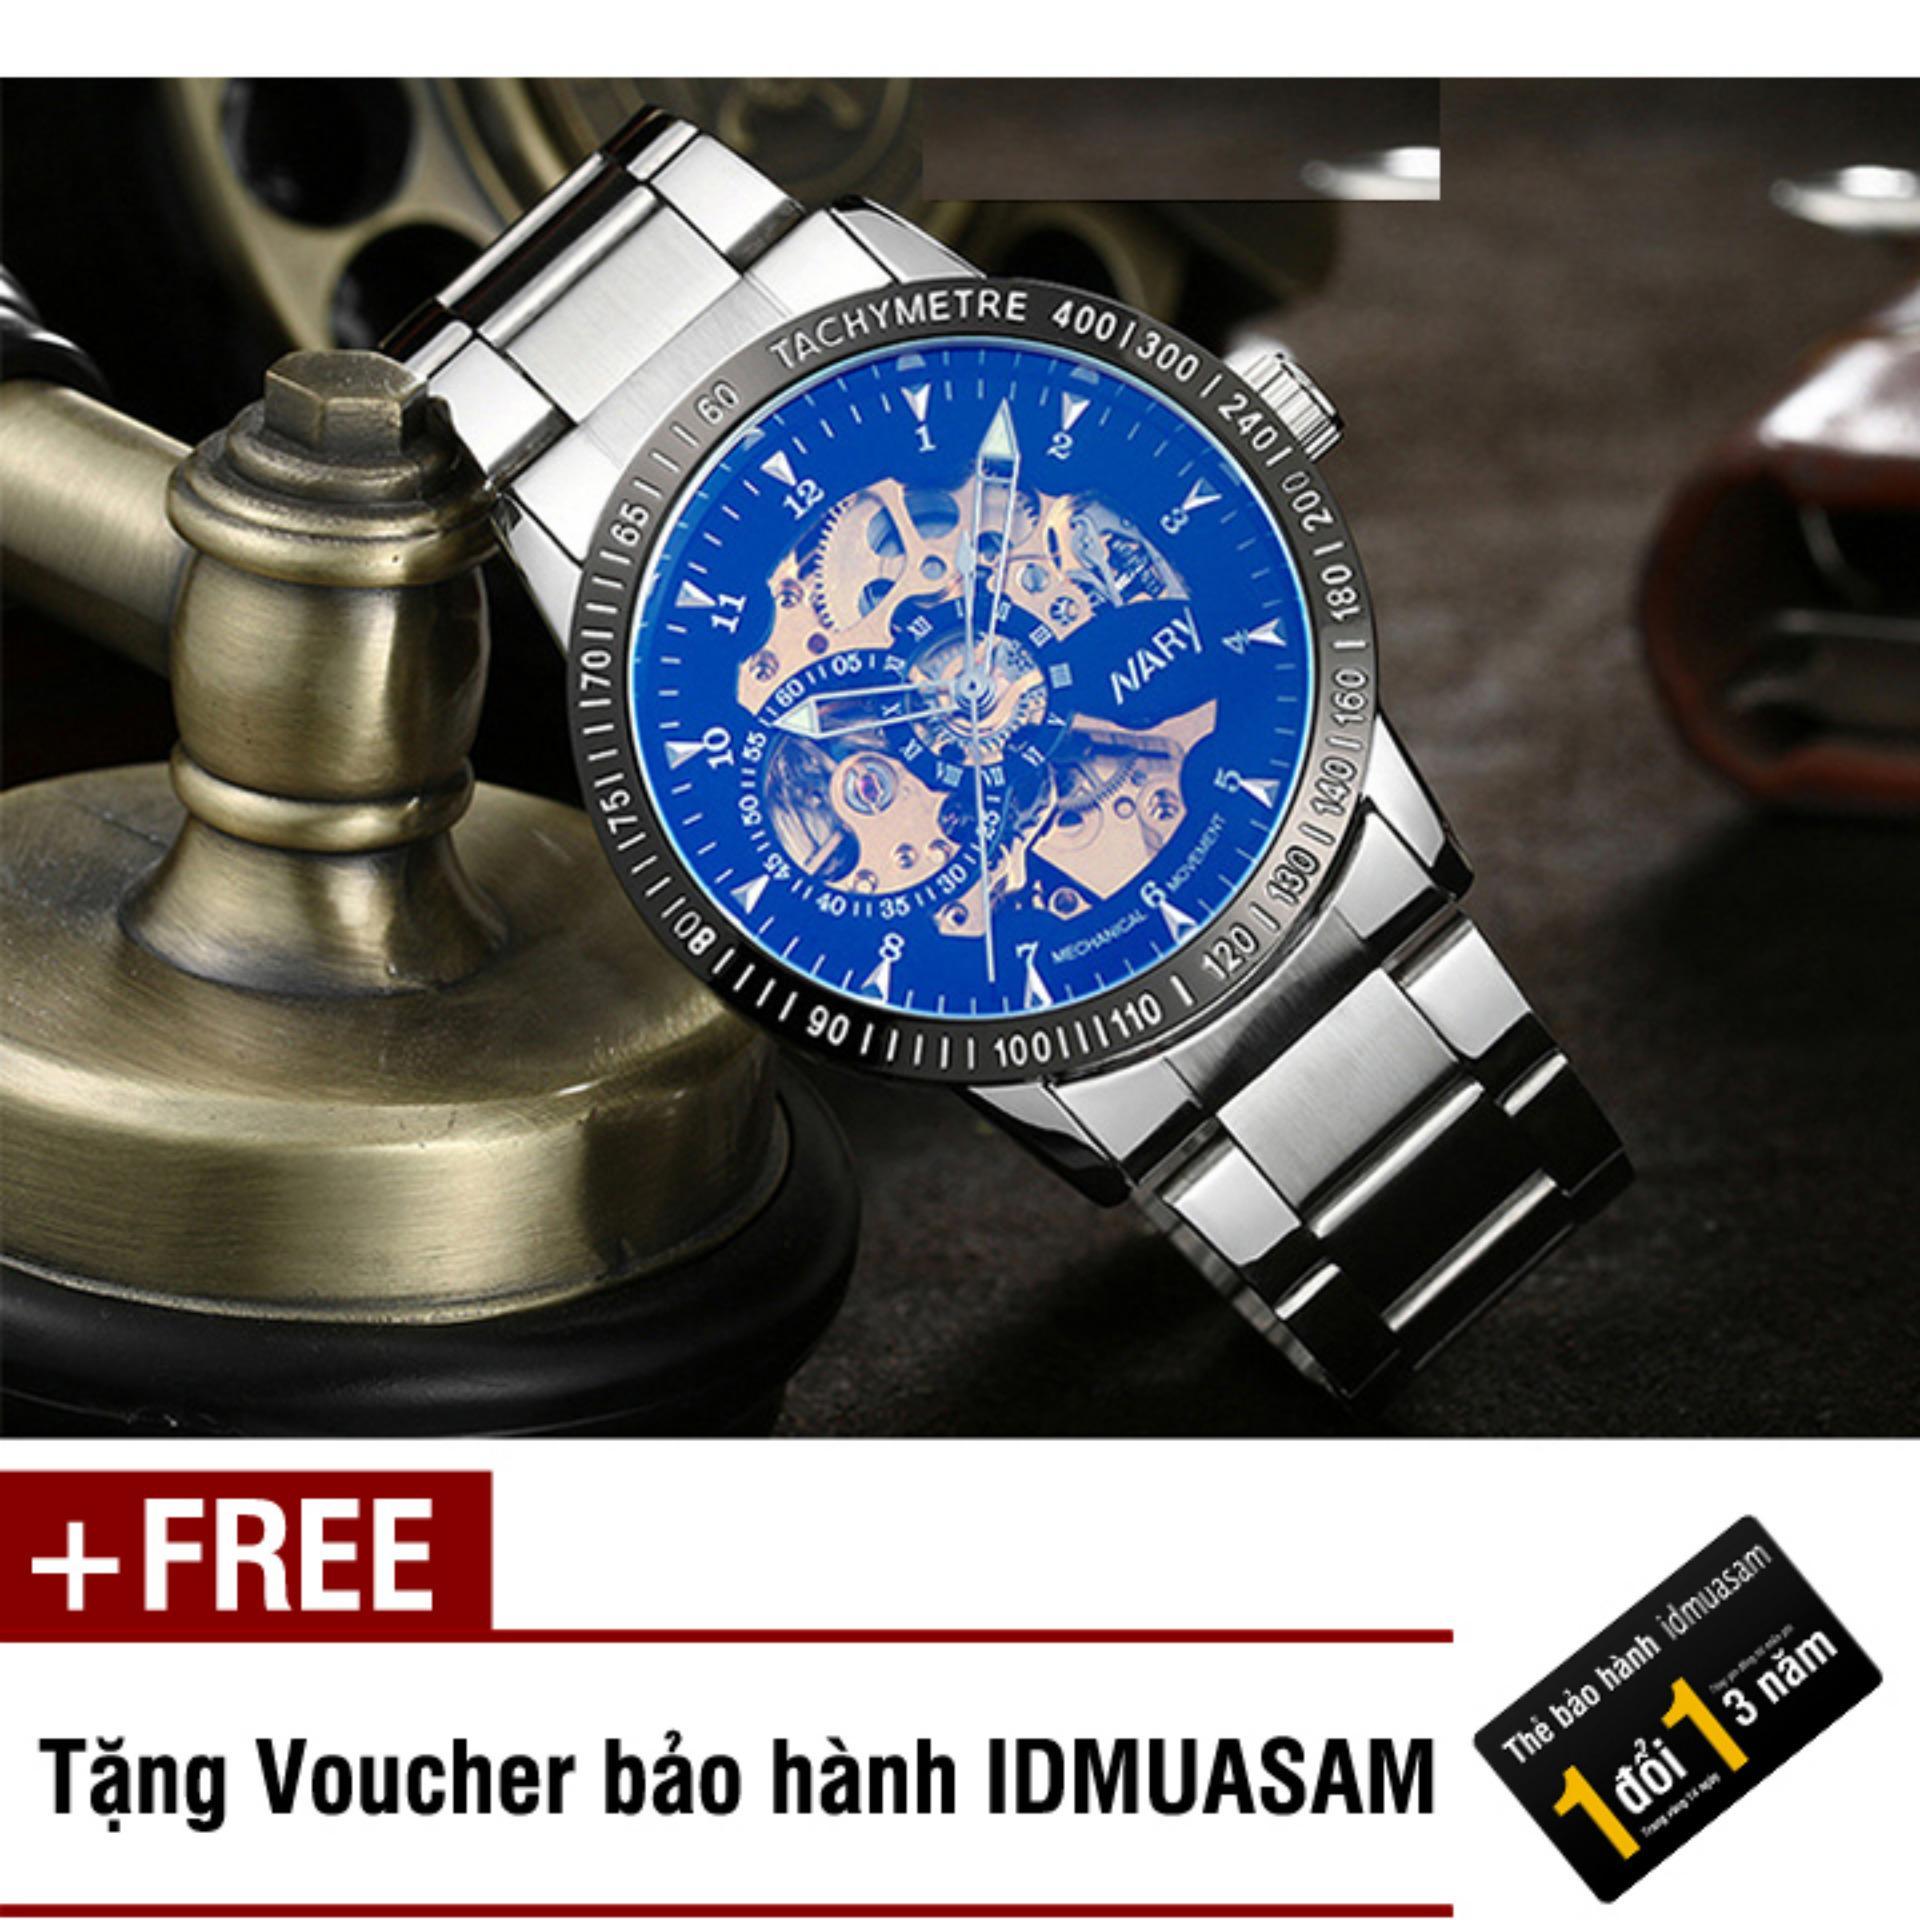 Đồng hồ cơ tự động dây thép không gỉ Nary 6093 (Mặt đen ánh xanh) + Tặng kèm voucher bảo hành IDMUASAM